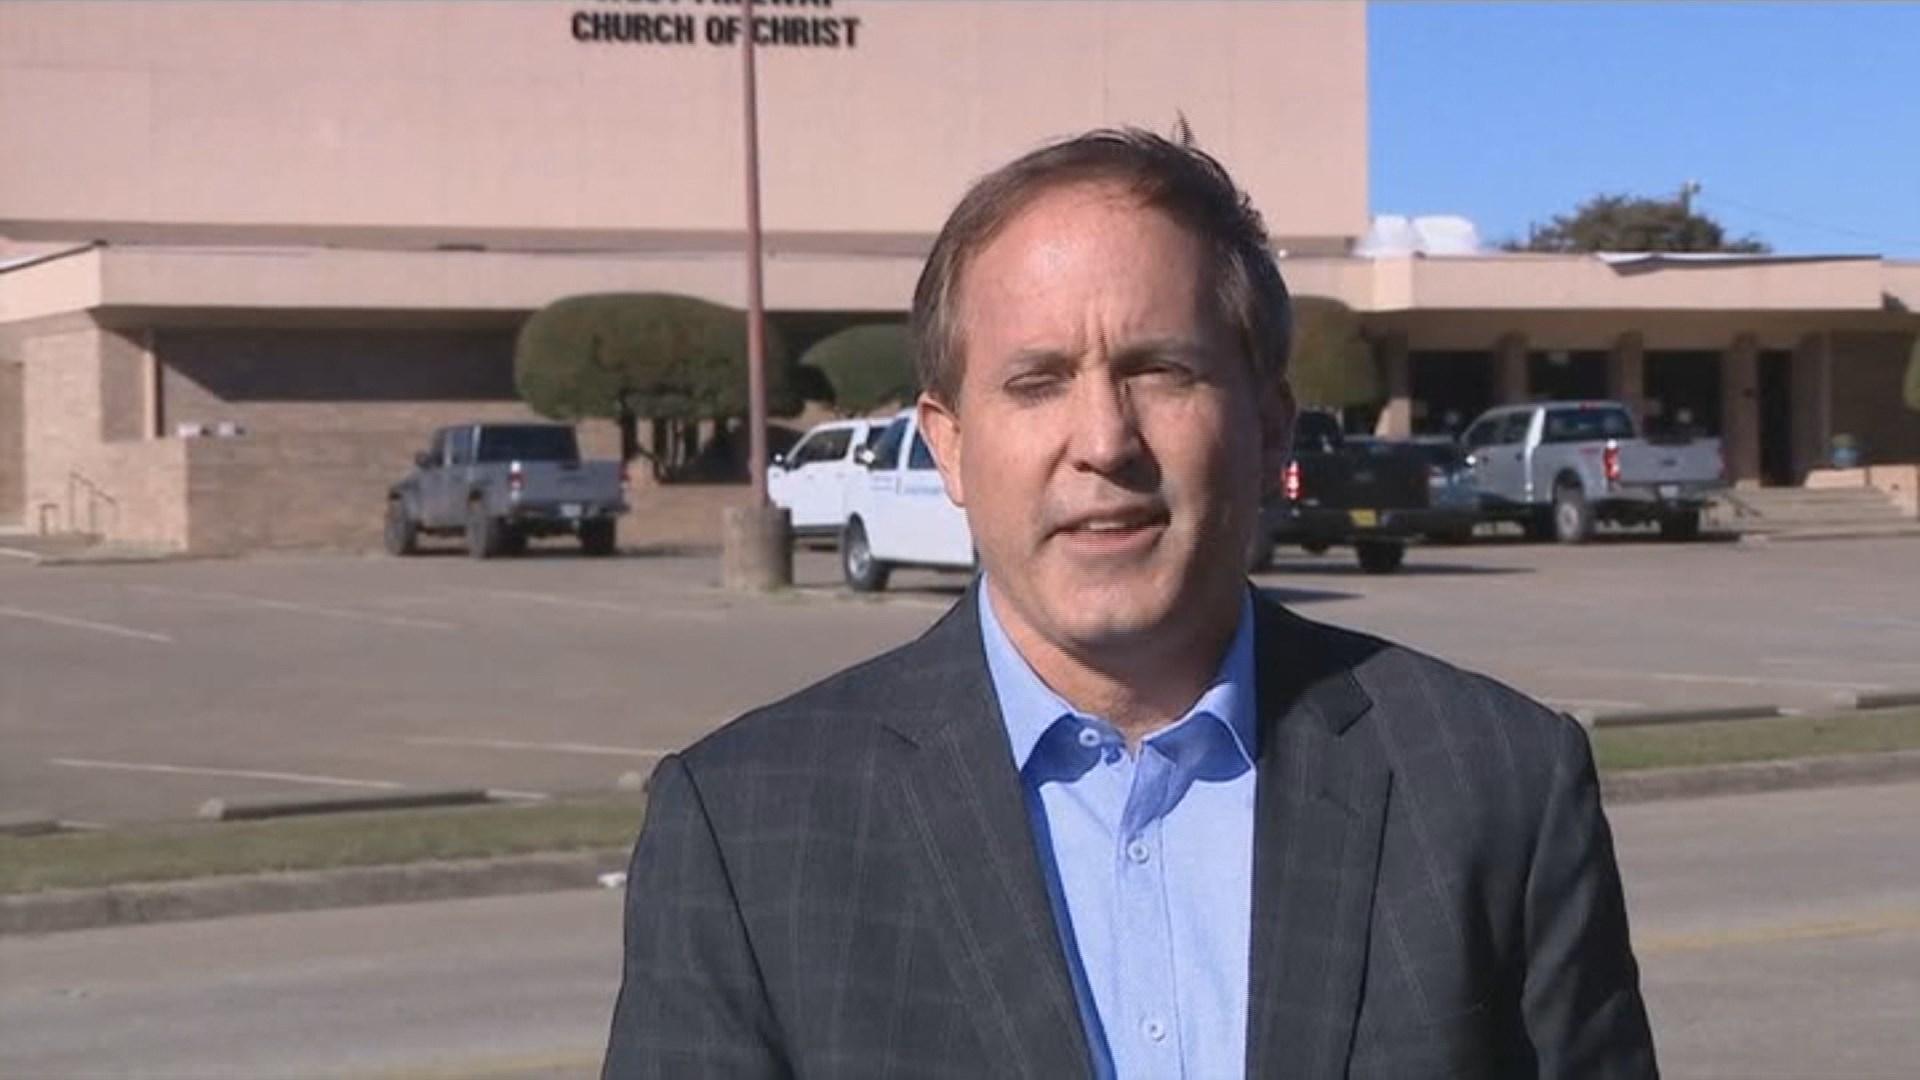 공화당 장악 텍사스, 바이든 이민정책에 반대 소송